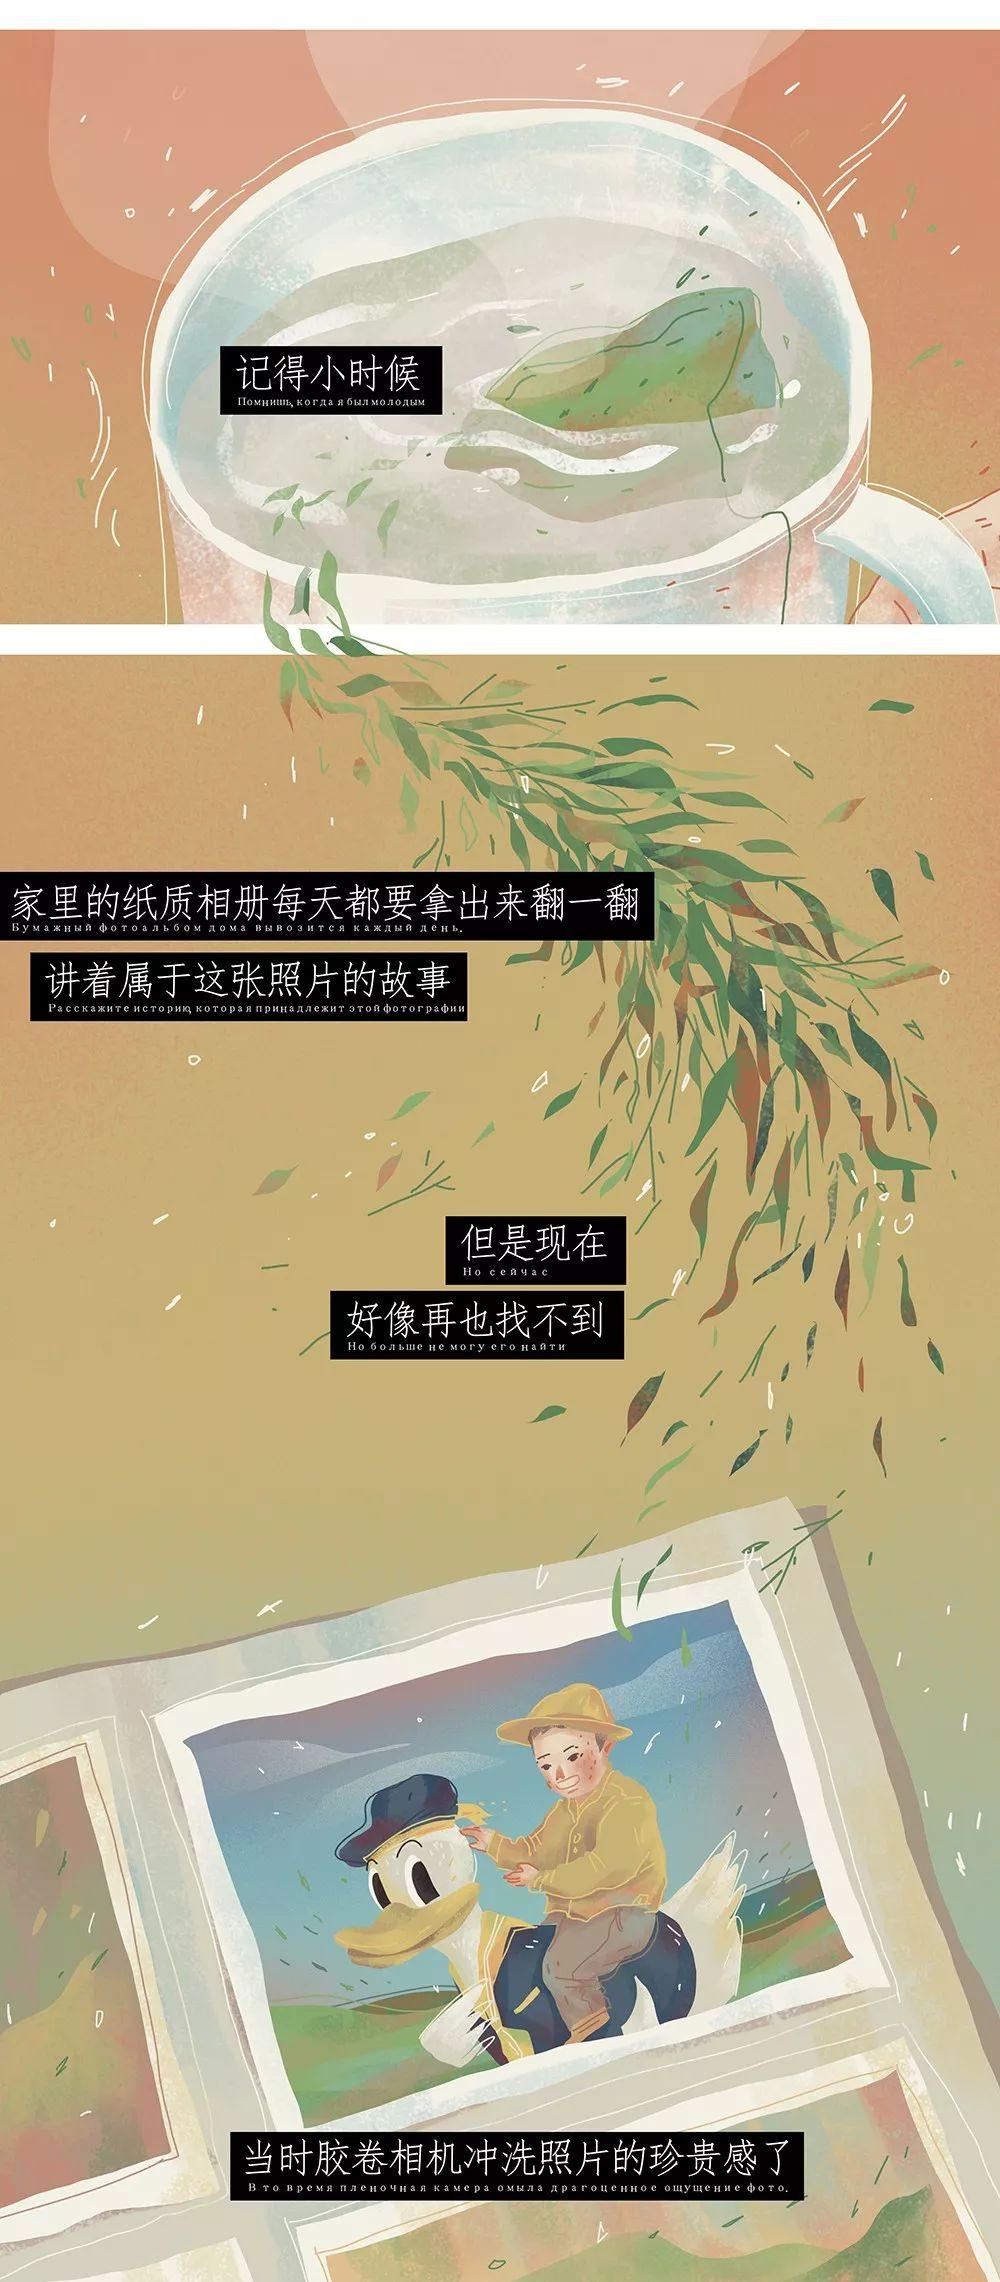 湖北快三今日下期预测号码推荐号码推荐号码推荐号码